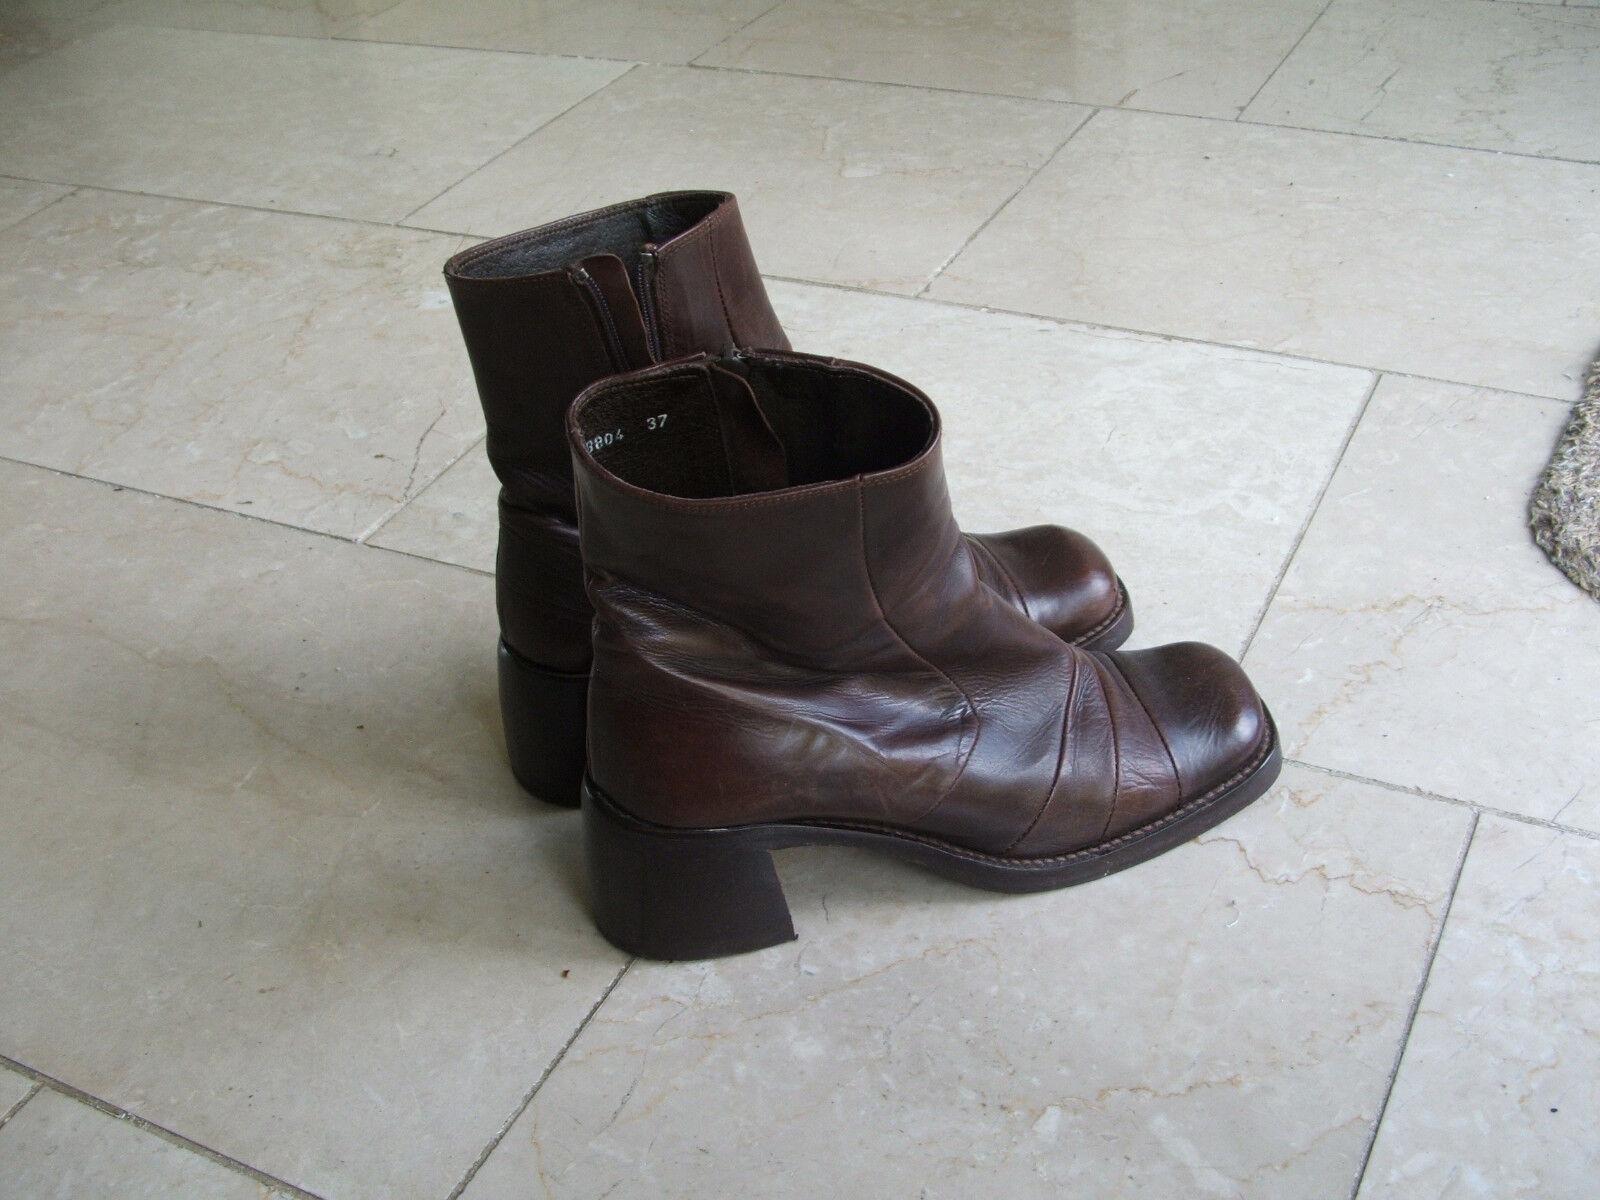 Braune ESPRIT Stiefeletten, Gr. 37 37 37  | Perfekt In Verarbeitung  3ba85c